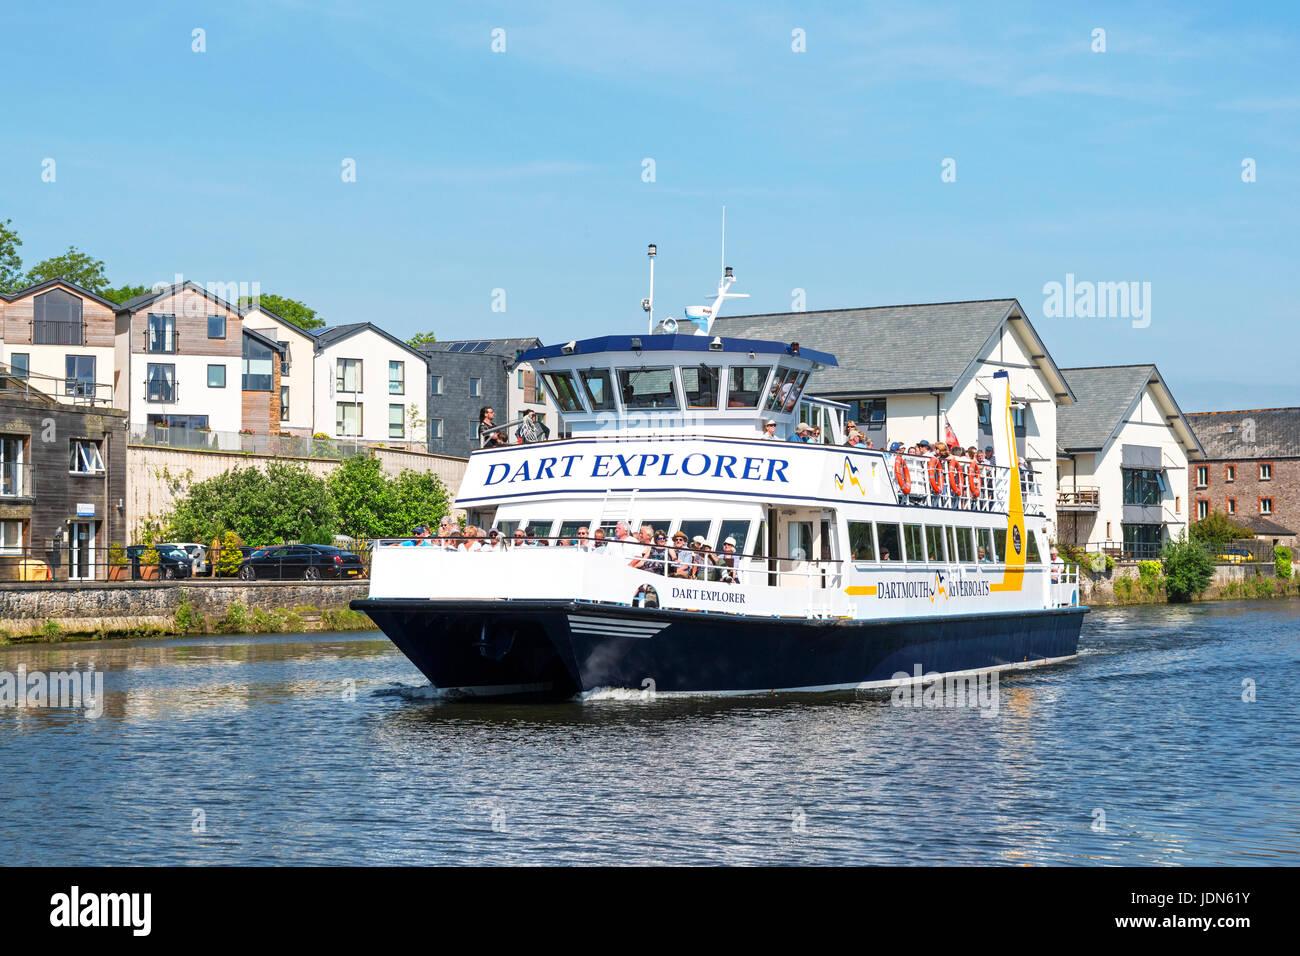 La gente en un viaje en barco por el río Dart en Totnes, Devon, Inglaterra, Gran Bretaña, Reino Unido. Imagen De Stock